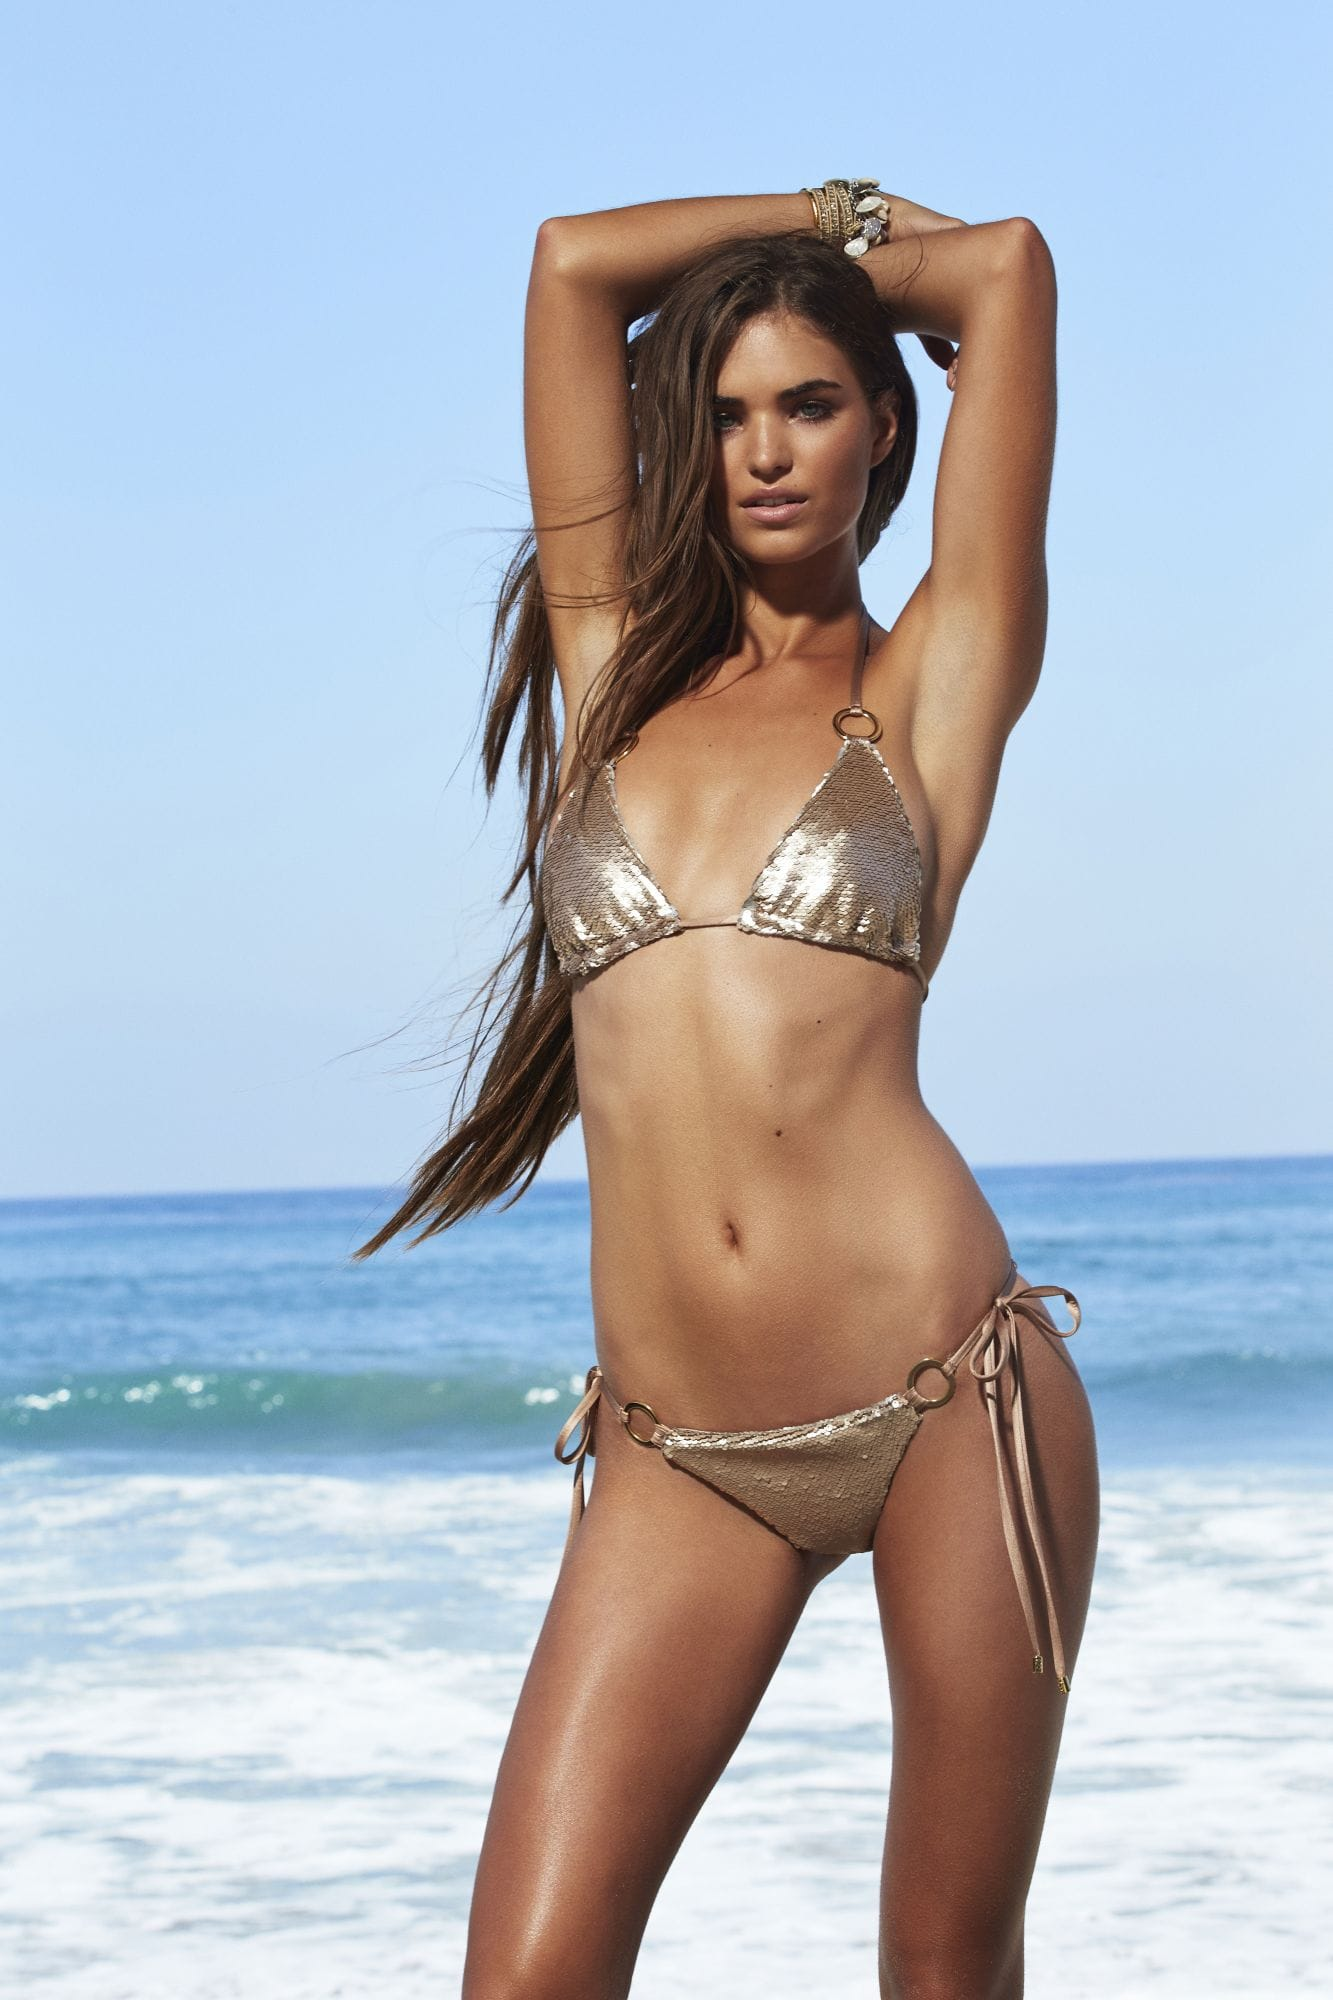 Bikini fishing girl